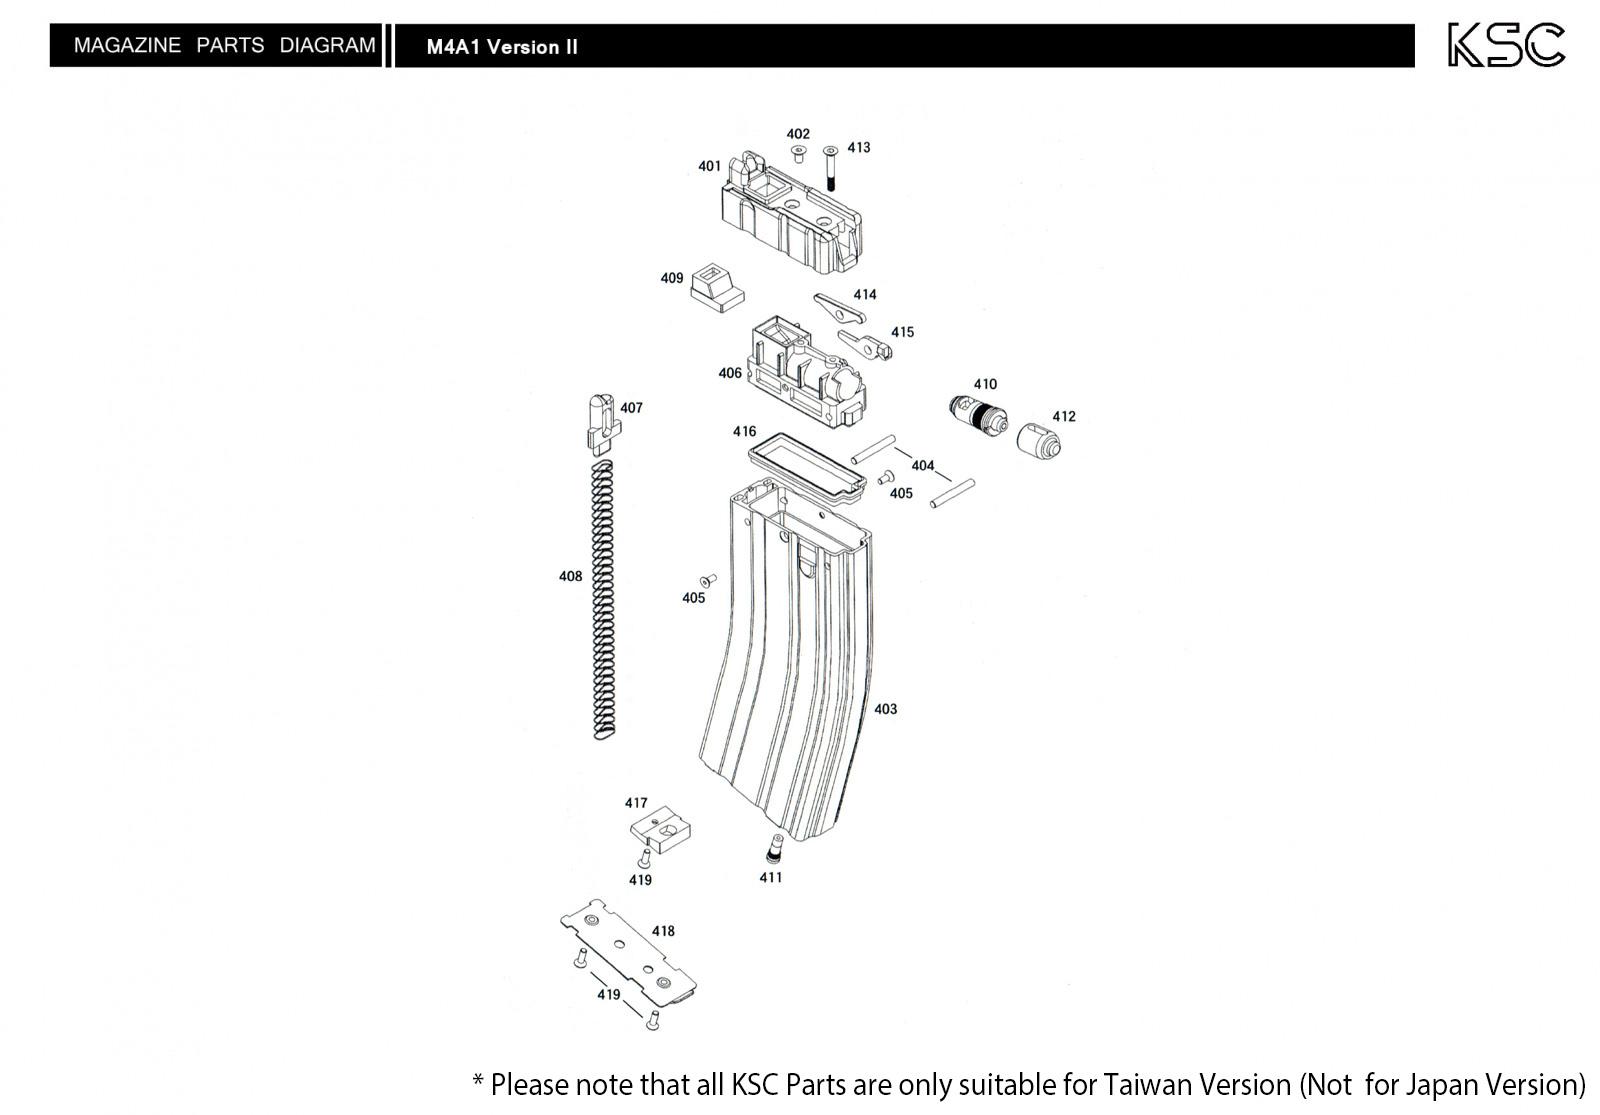 Hobbs Meter Wiring Diagram. Wiring. Wiring Diagrams Instructions